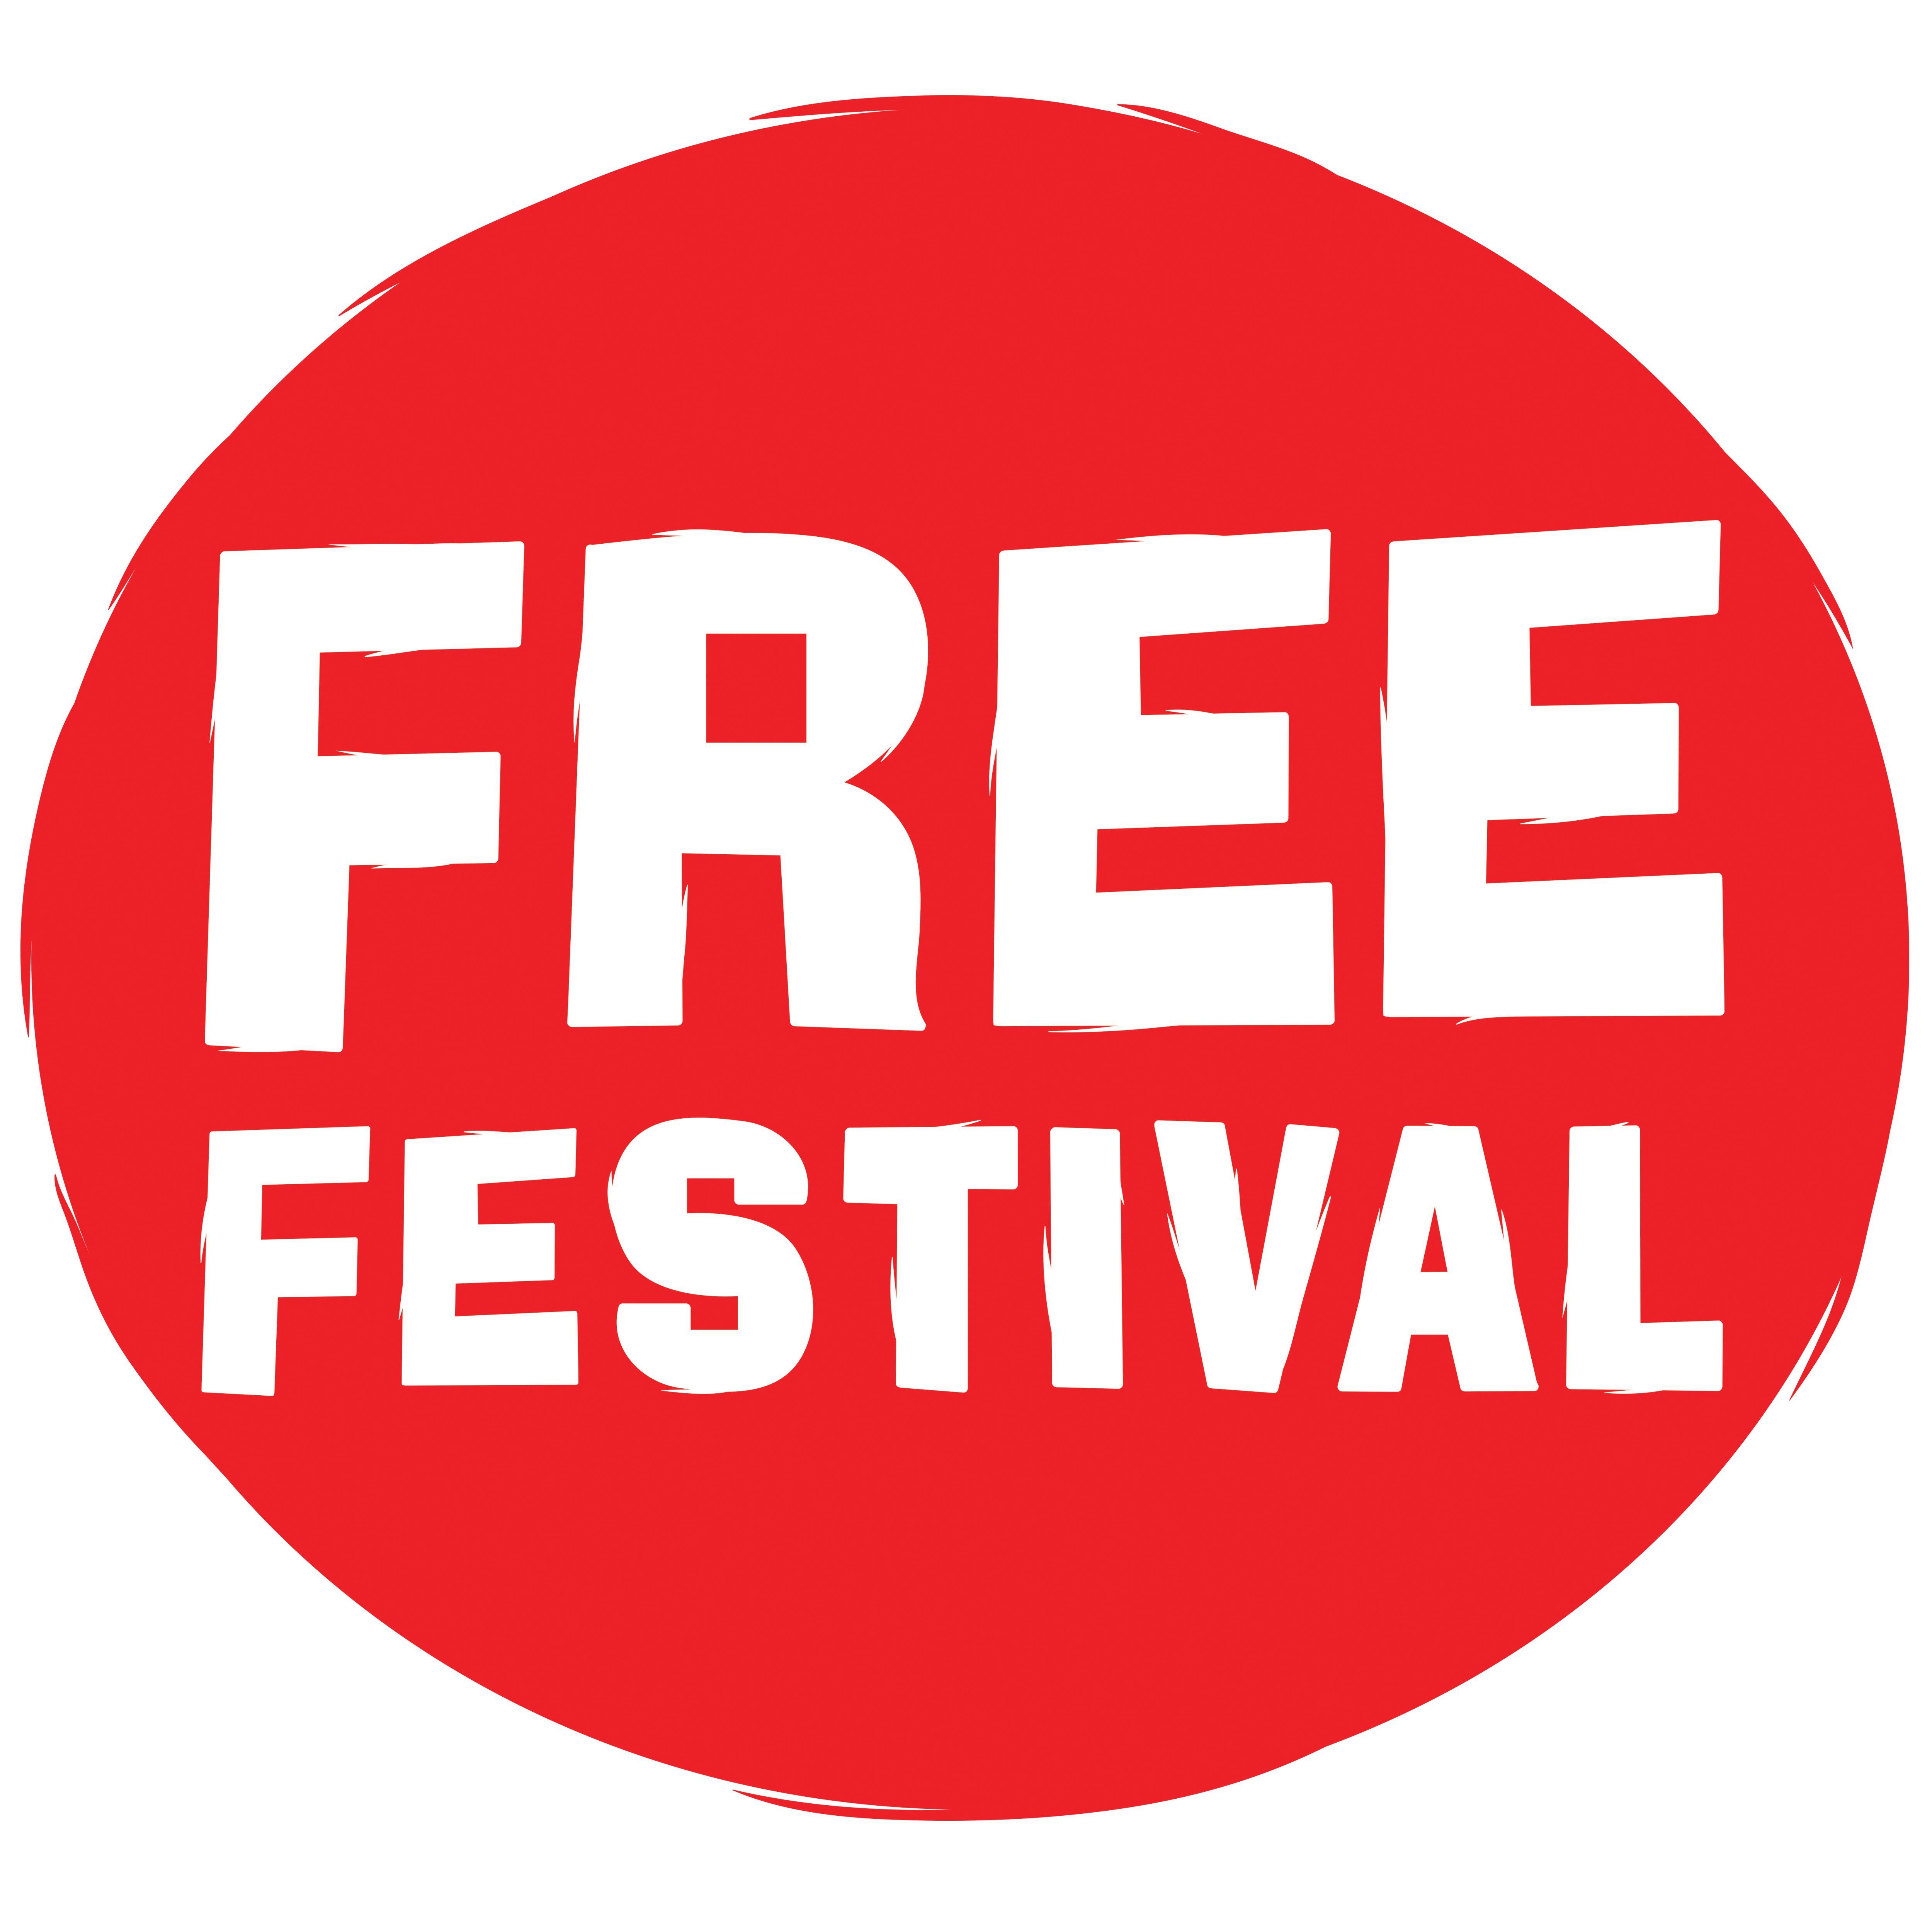 Free Festival Logo 2018 large